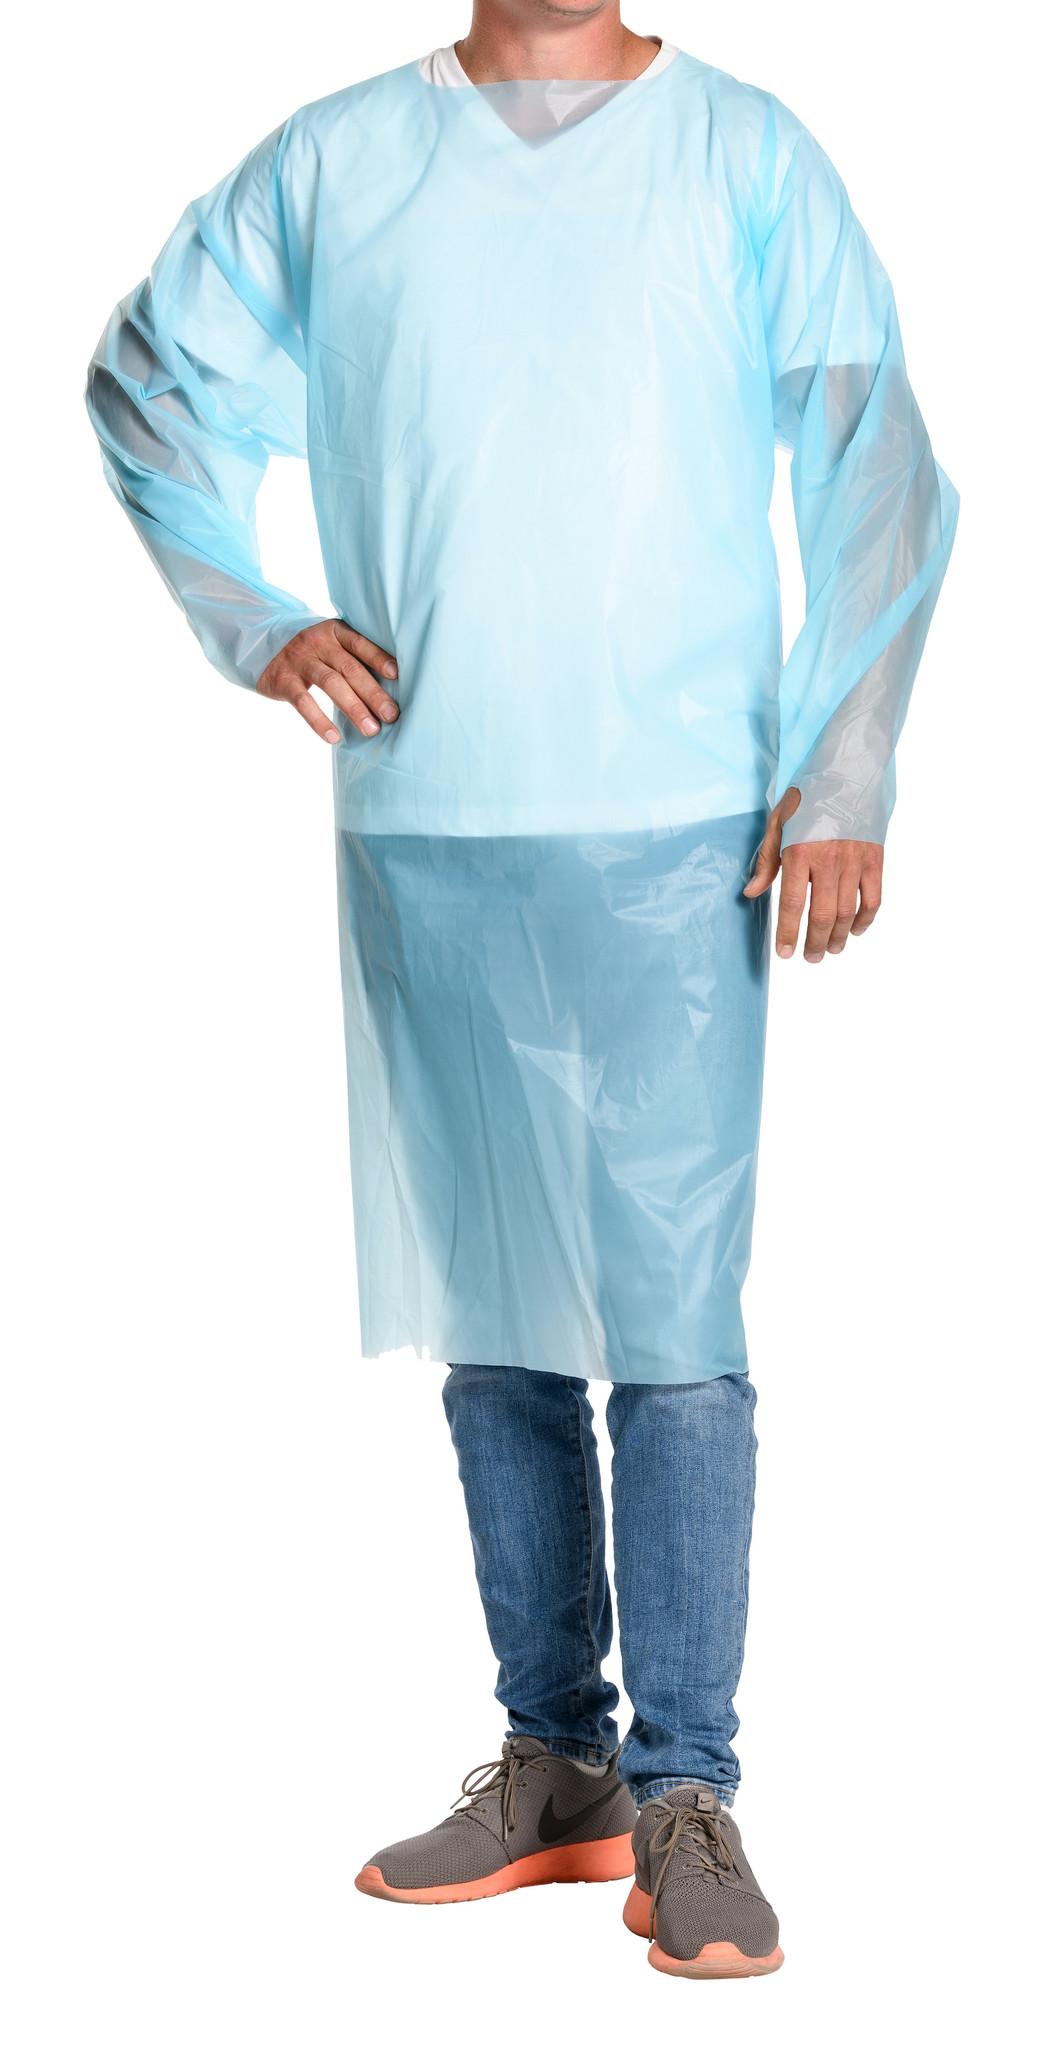 Bescherming tegen vuil en vocht/vloeistoffen!uniseks & 1 maat